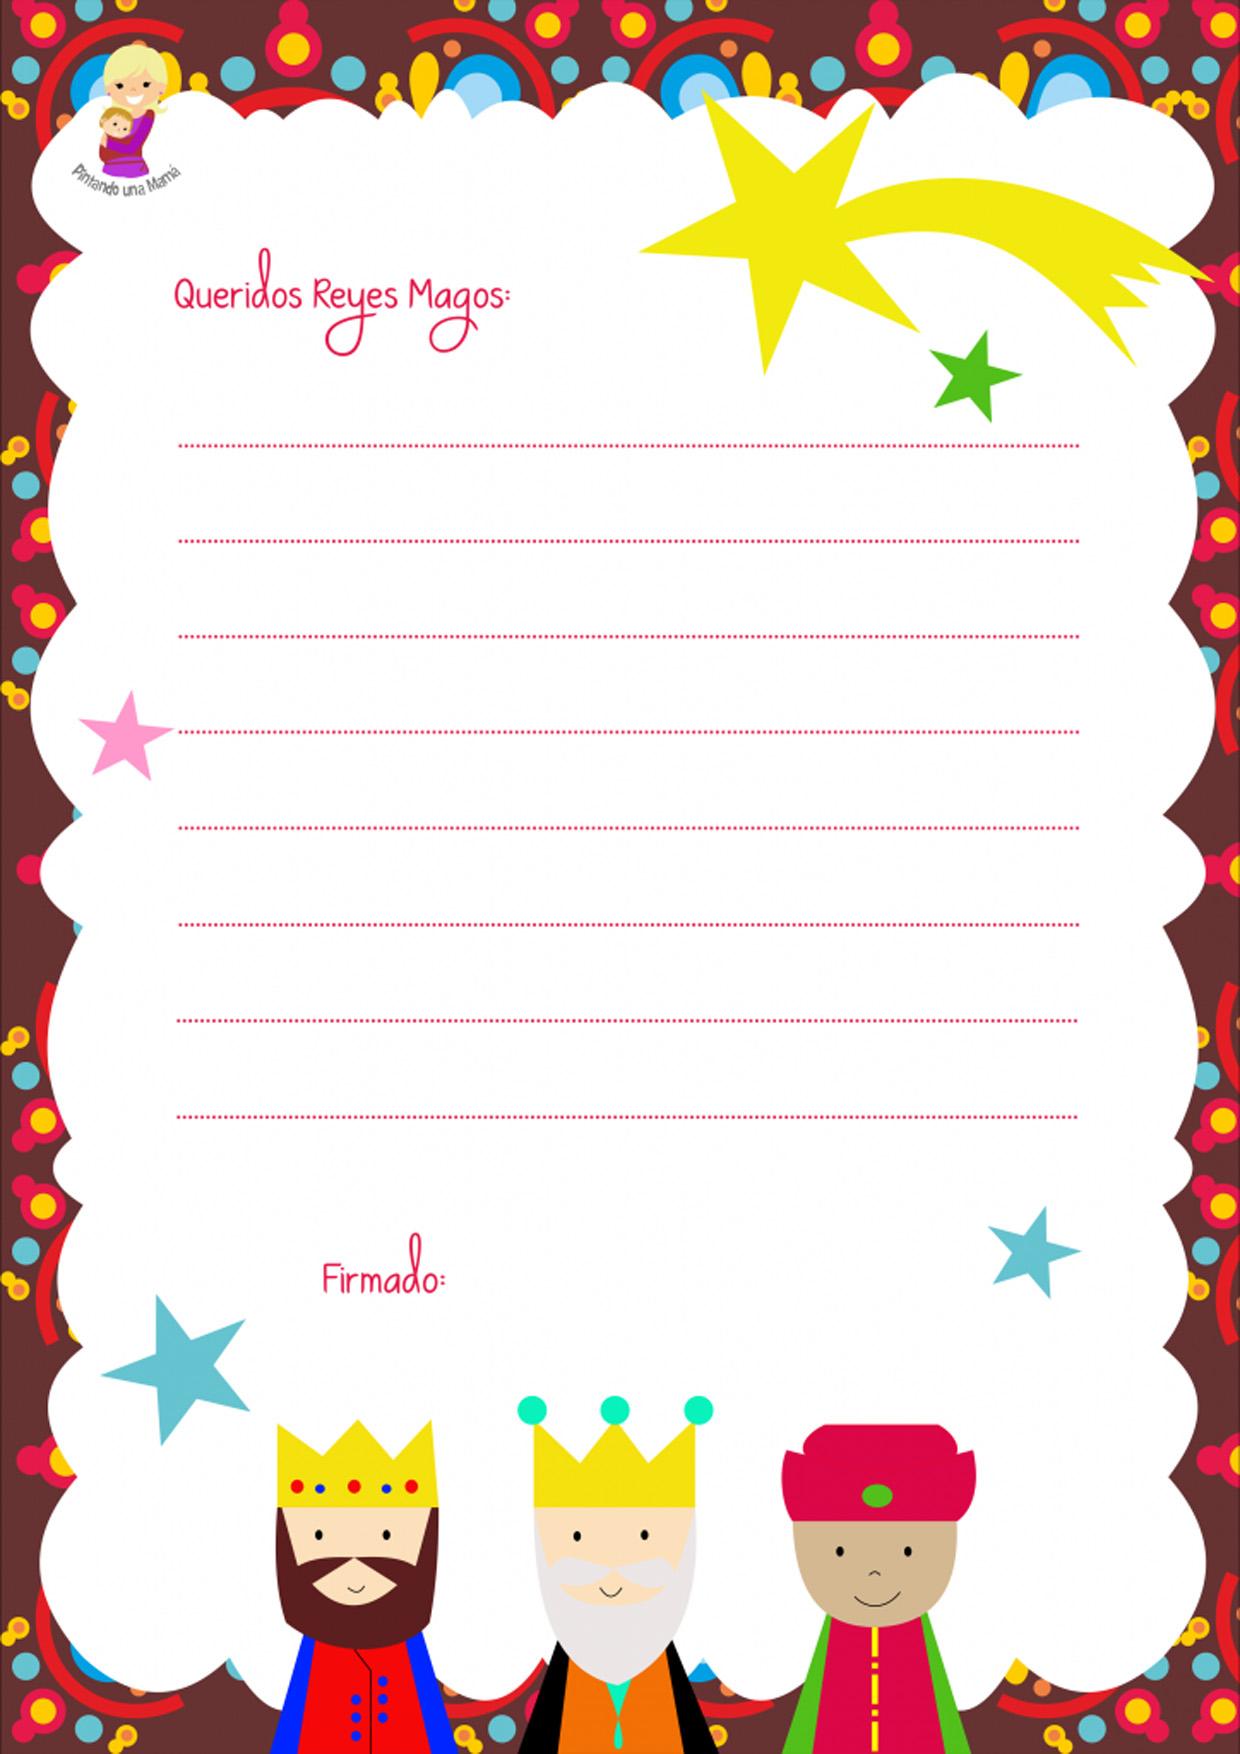 Plantilla para carta de Reyes Magos 2016